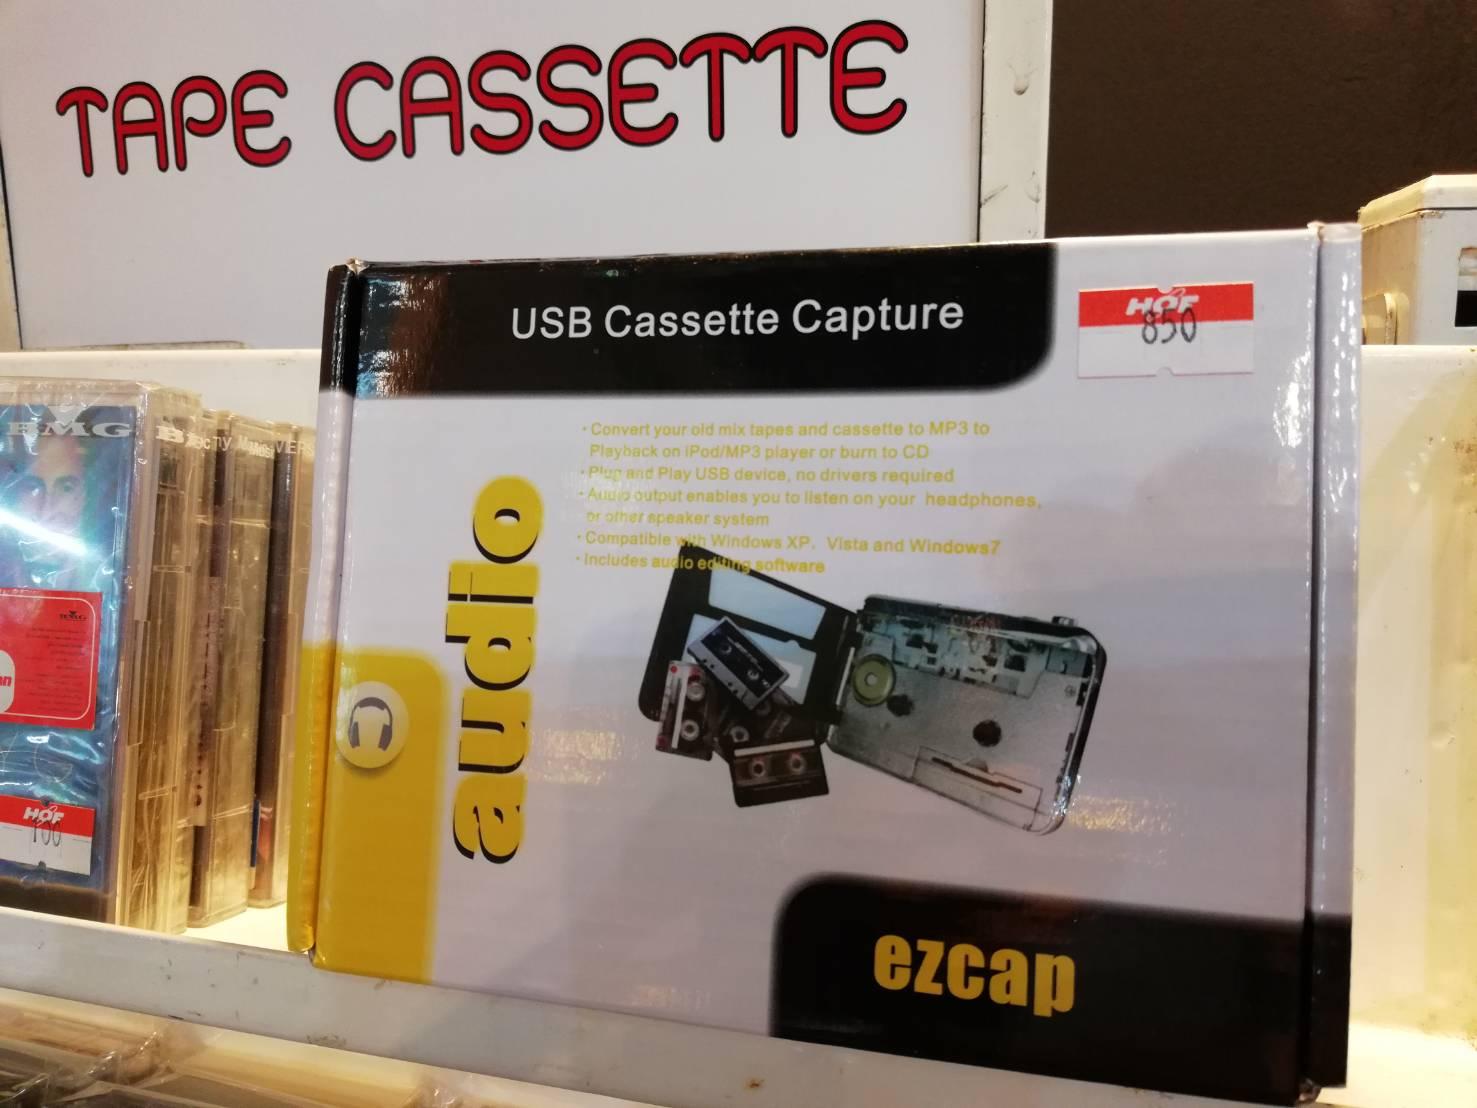 เครื่องเล่น Tape Cassette แบบพกพา Ezcap